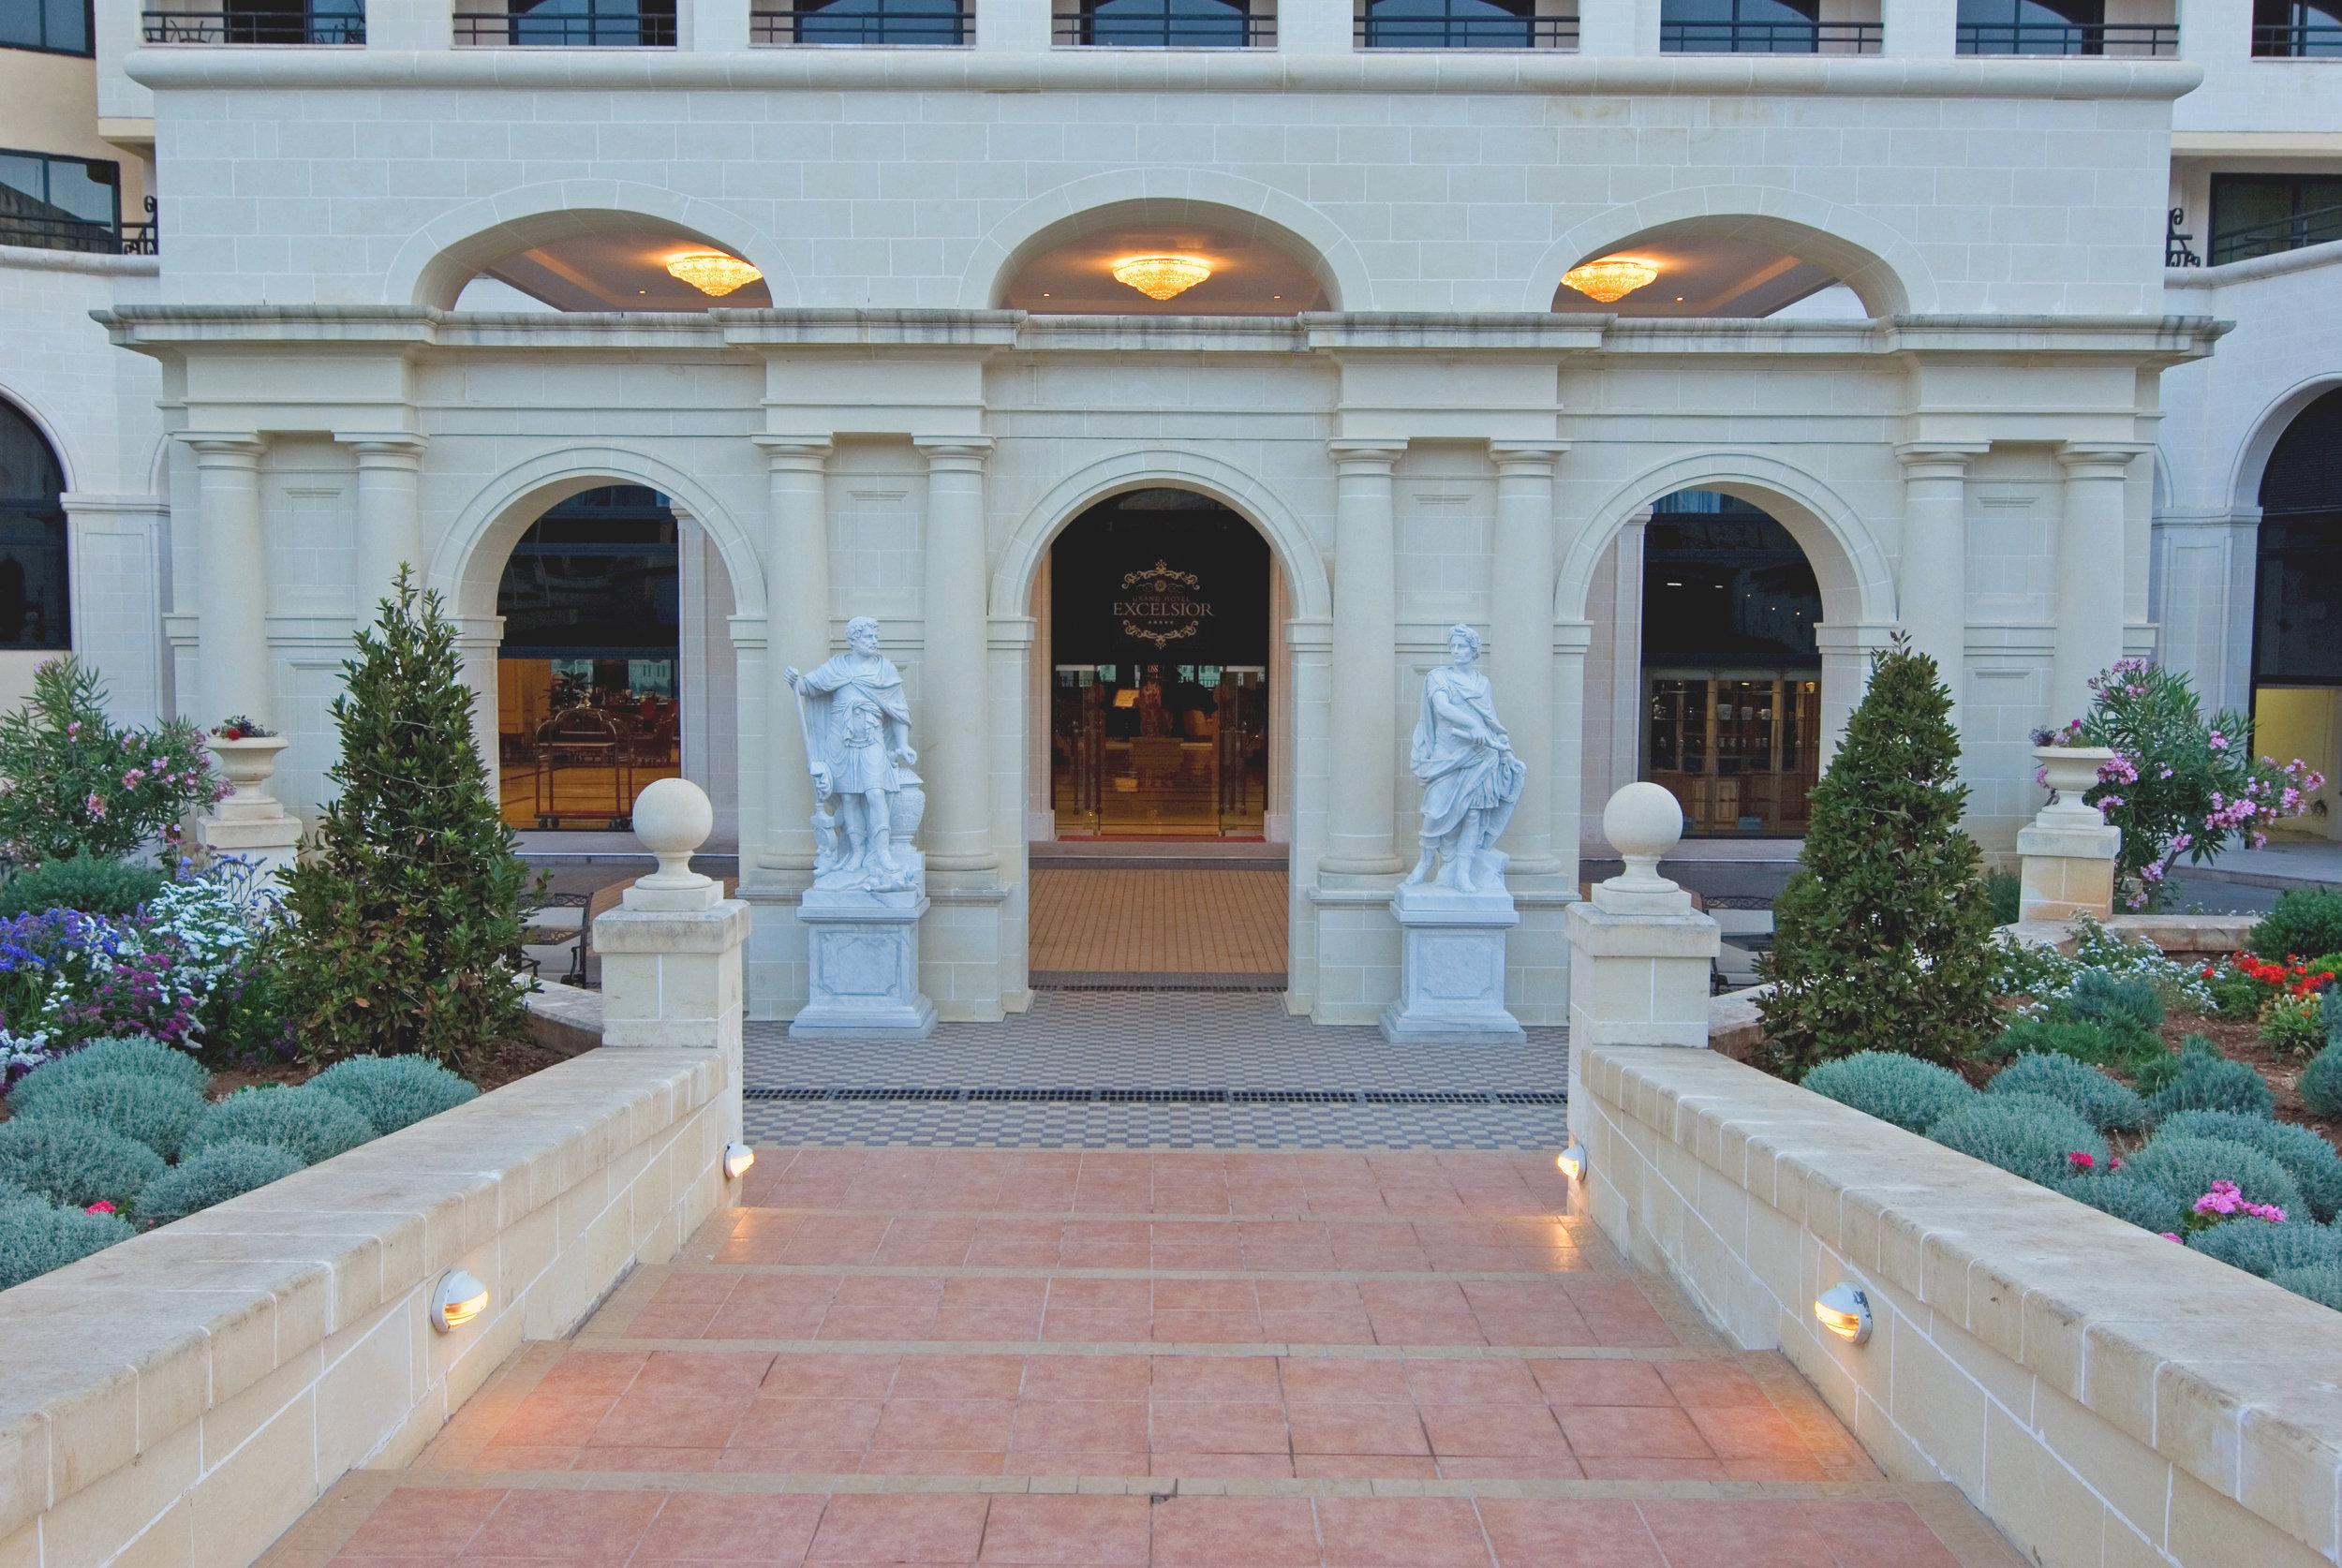 Grand Hotel Excelsior Entrance.jpg